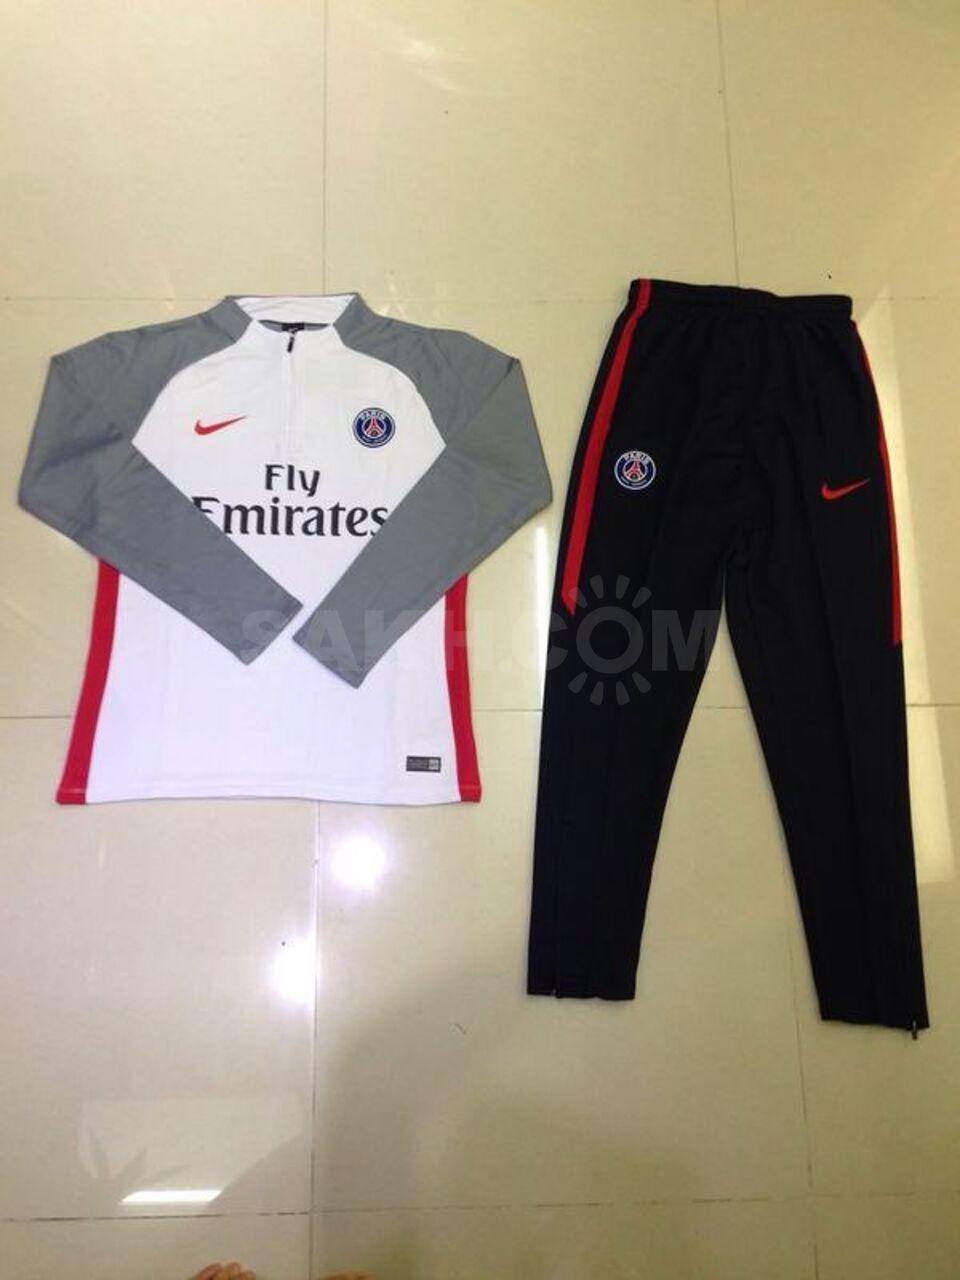 e2e790e4 спортивные костюмы Nike Adidas original, различных футбольных клубов и  сборных. По вопросам в Whats'up.